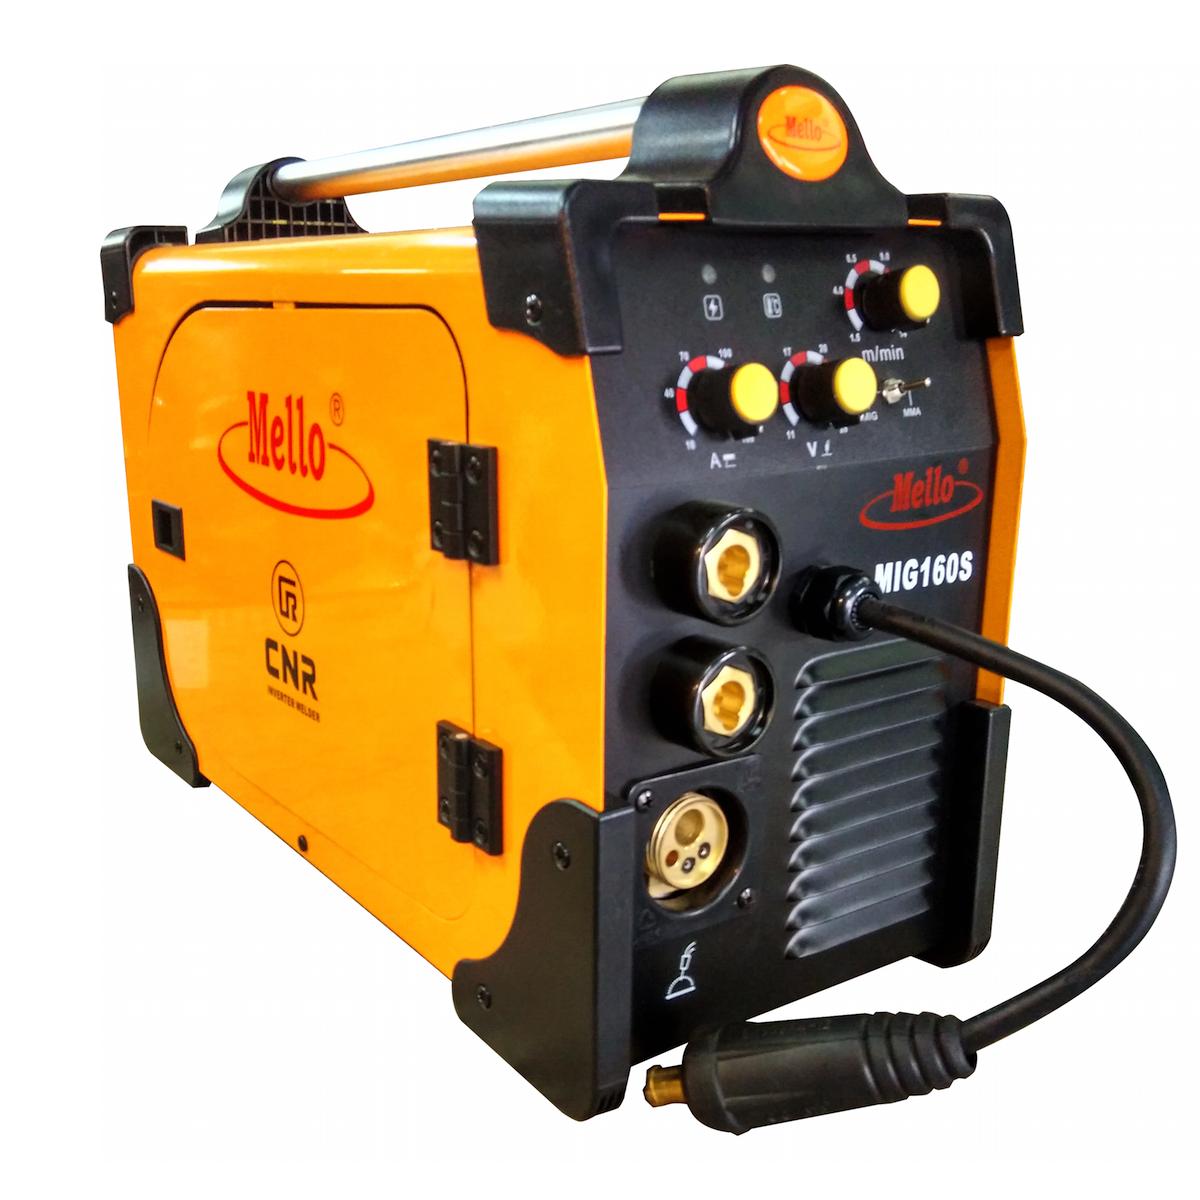 MELLO MIG Welding Machine 30-160AMP, 12kg MIG160S - Mig Welding PNG